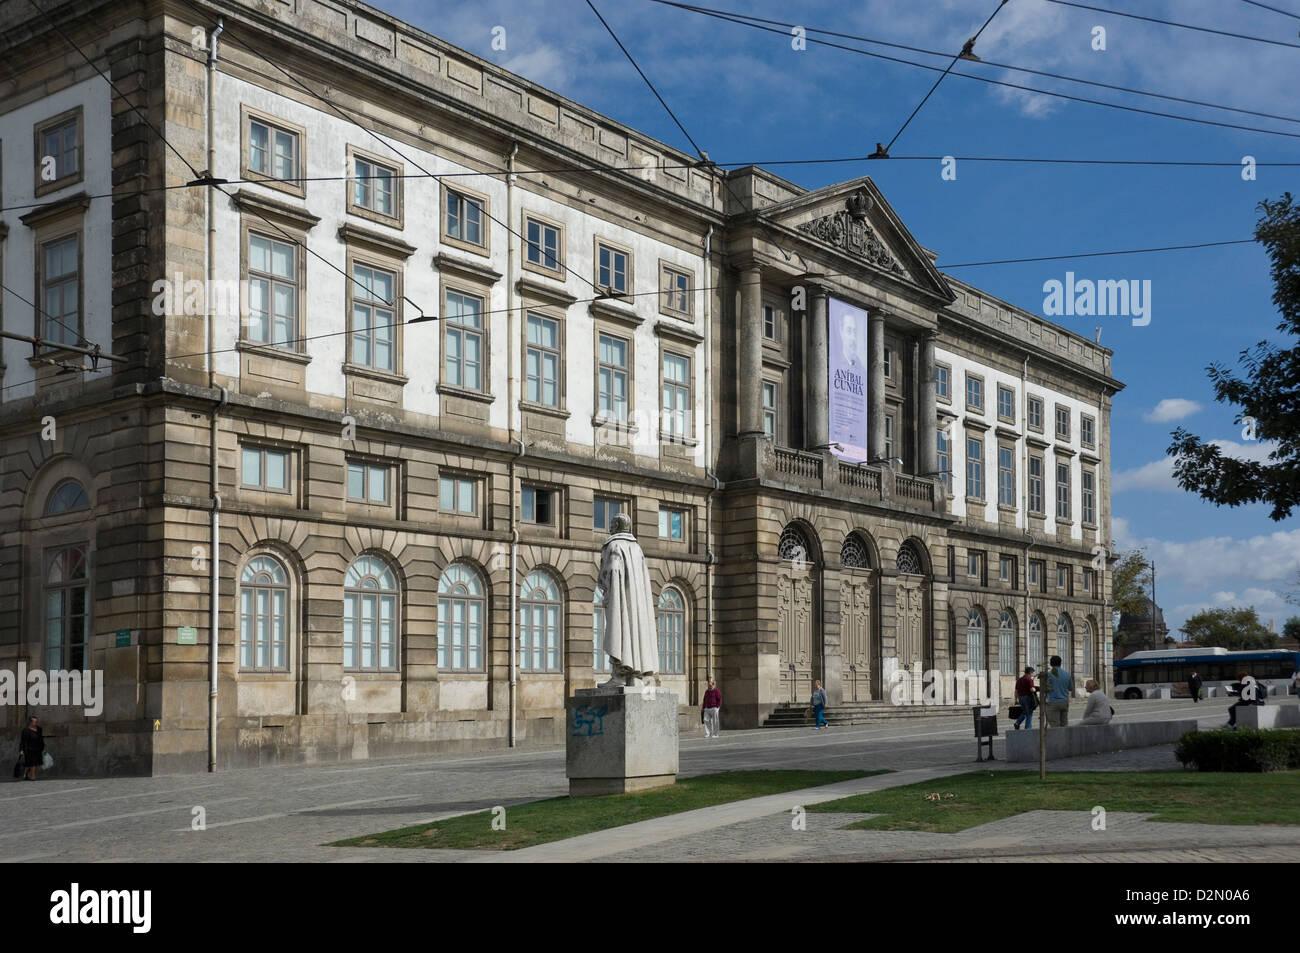 Museo di Storia Naturale, Università di Oporto, Oporto, Portogallo, Europa Immagini Stock